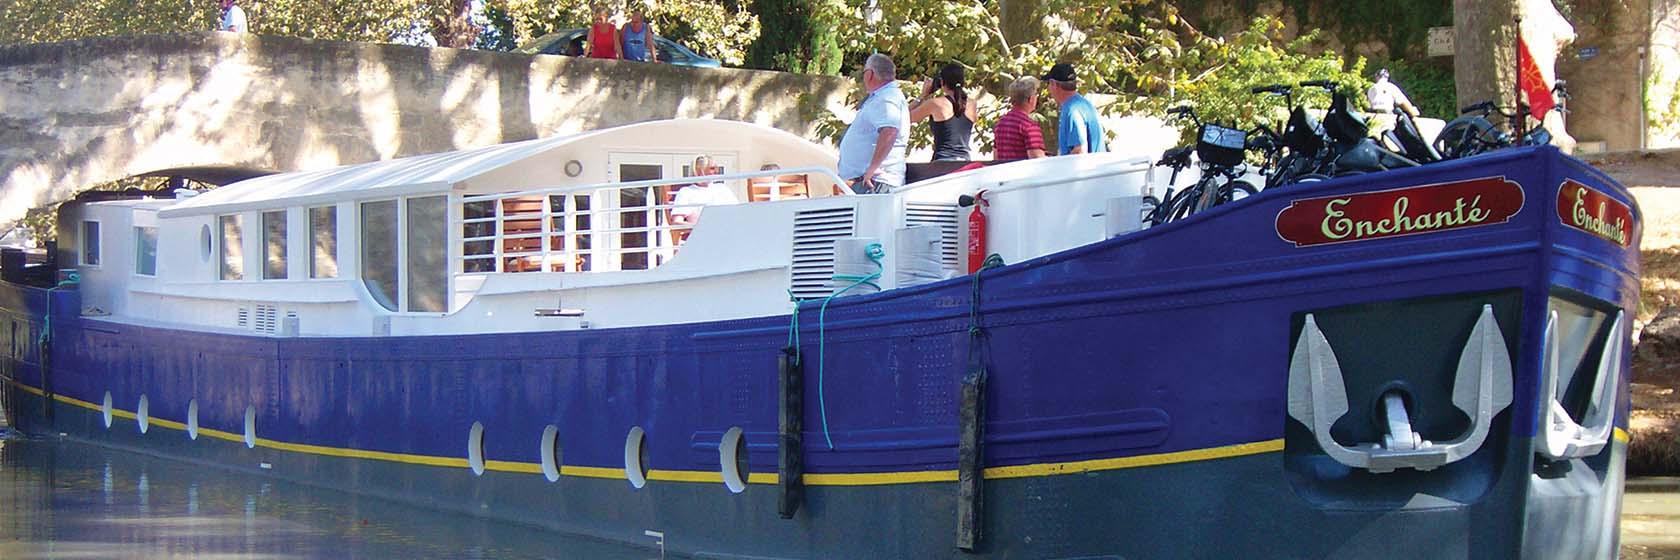 Canal du Midi Cruise on Abercrombie & Kent Enchanté